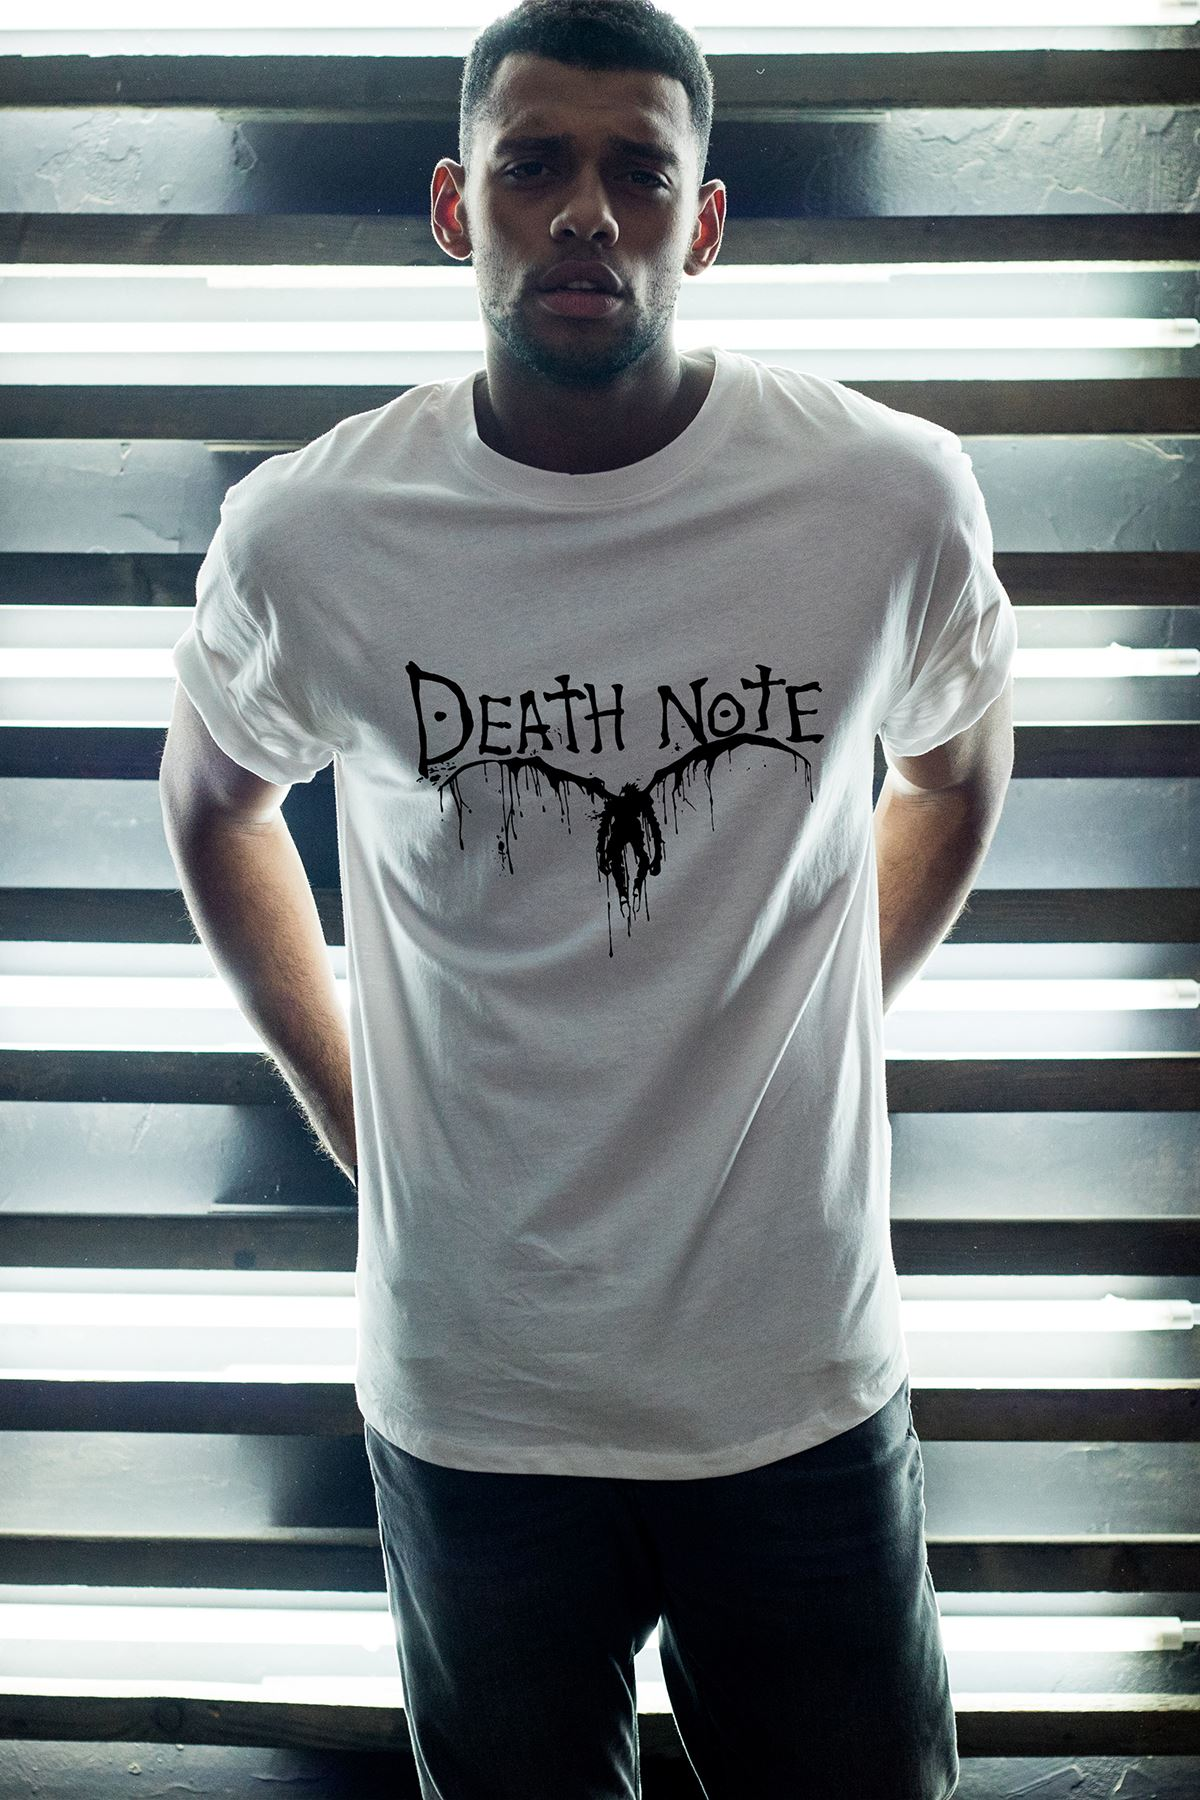 Anime Death Note 06 Beyaz Erkek Oversize Tshirt - Tişört